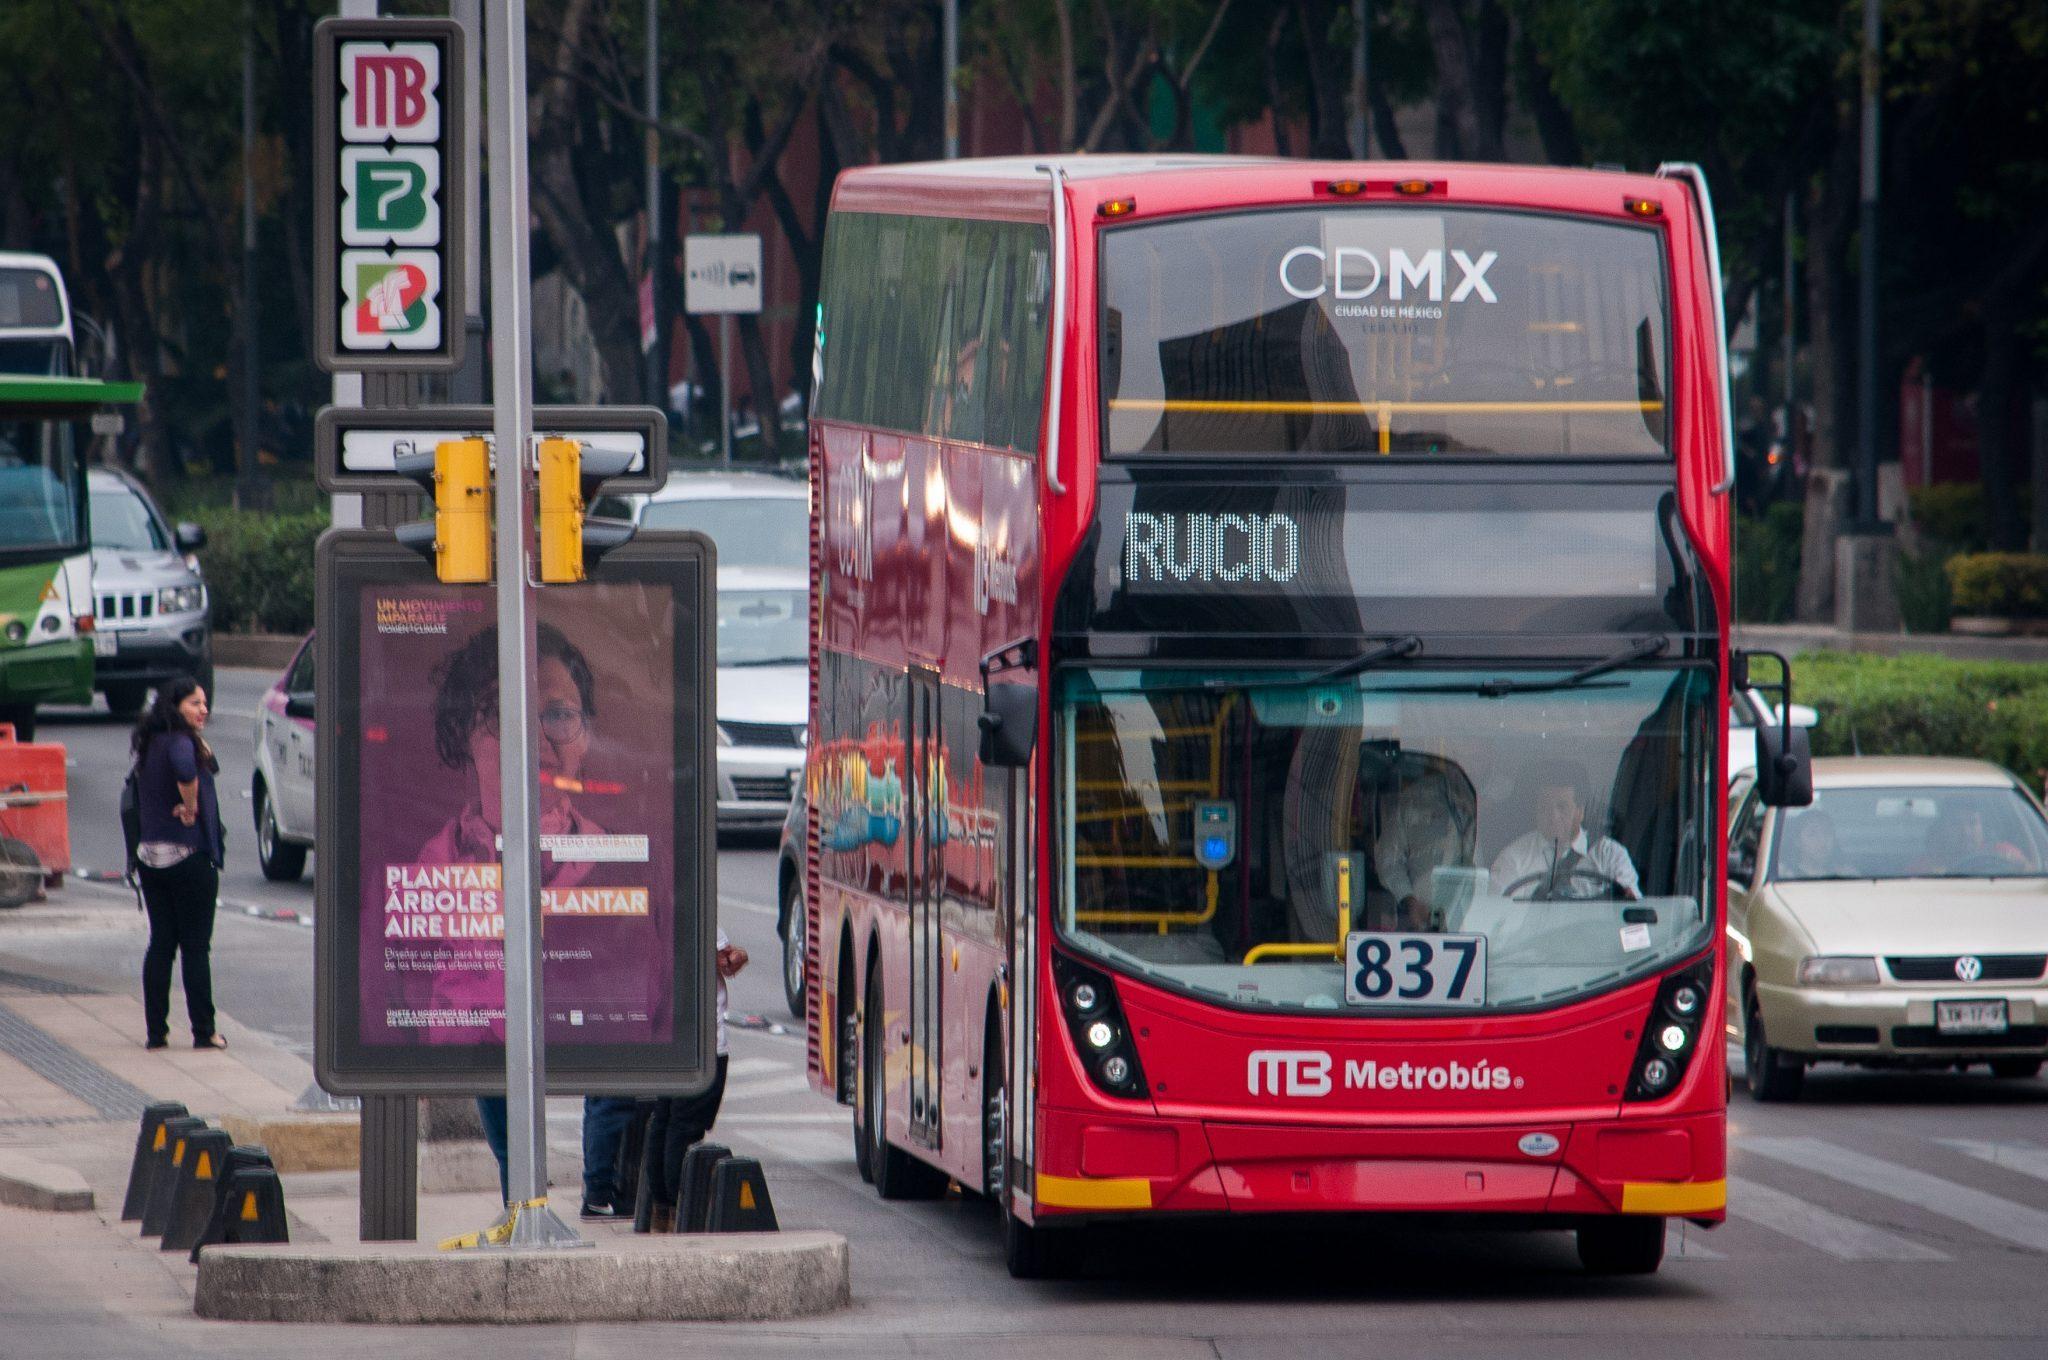 Autobuses de Línea 7 del Metrobús contaminan 99.7% menos 3